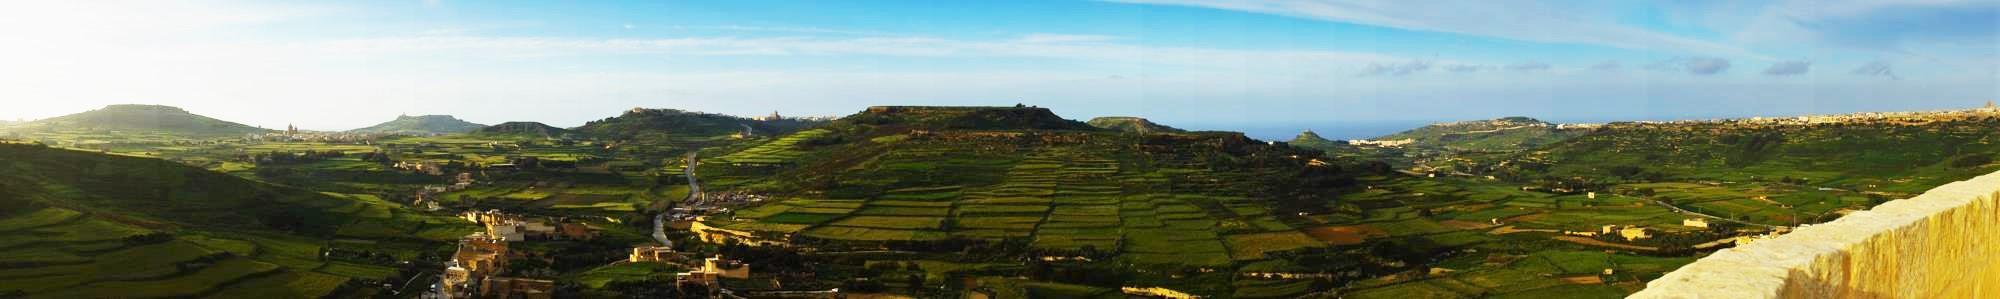 Soczyście zielone Gozo. Panorama z Victoria (Rabat)